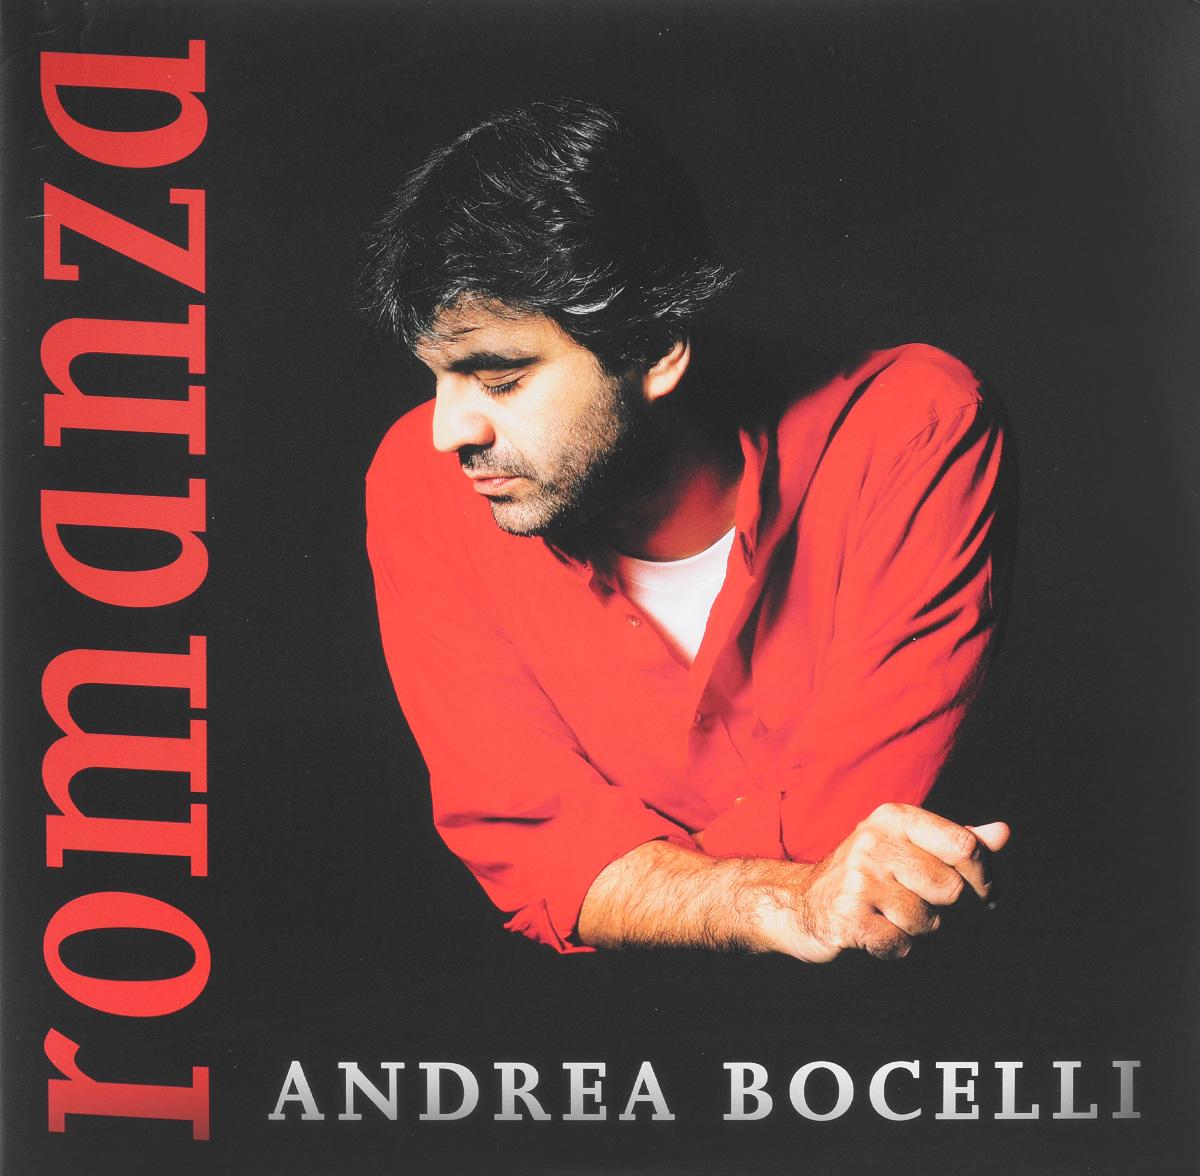 Издание содержит 12-страничный буклет с текстами песен на французском языке.